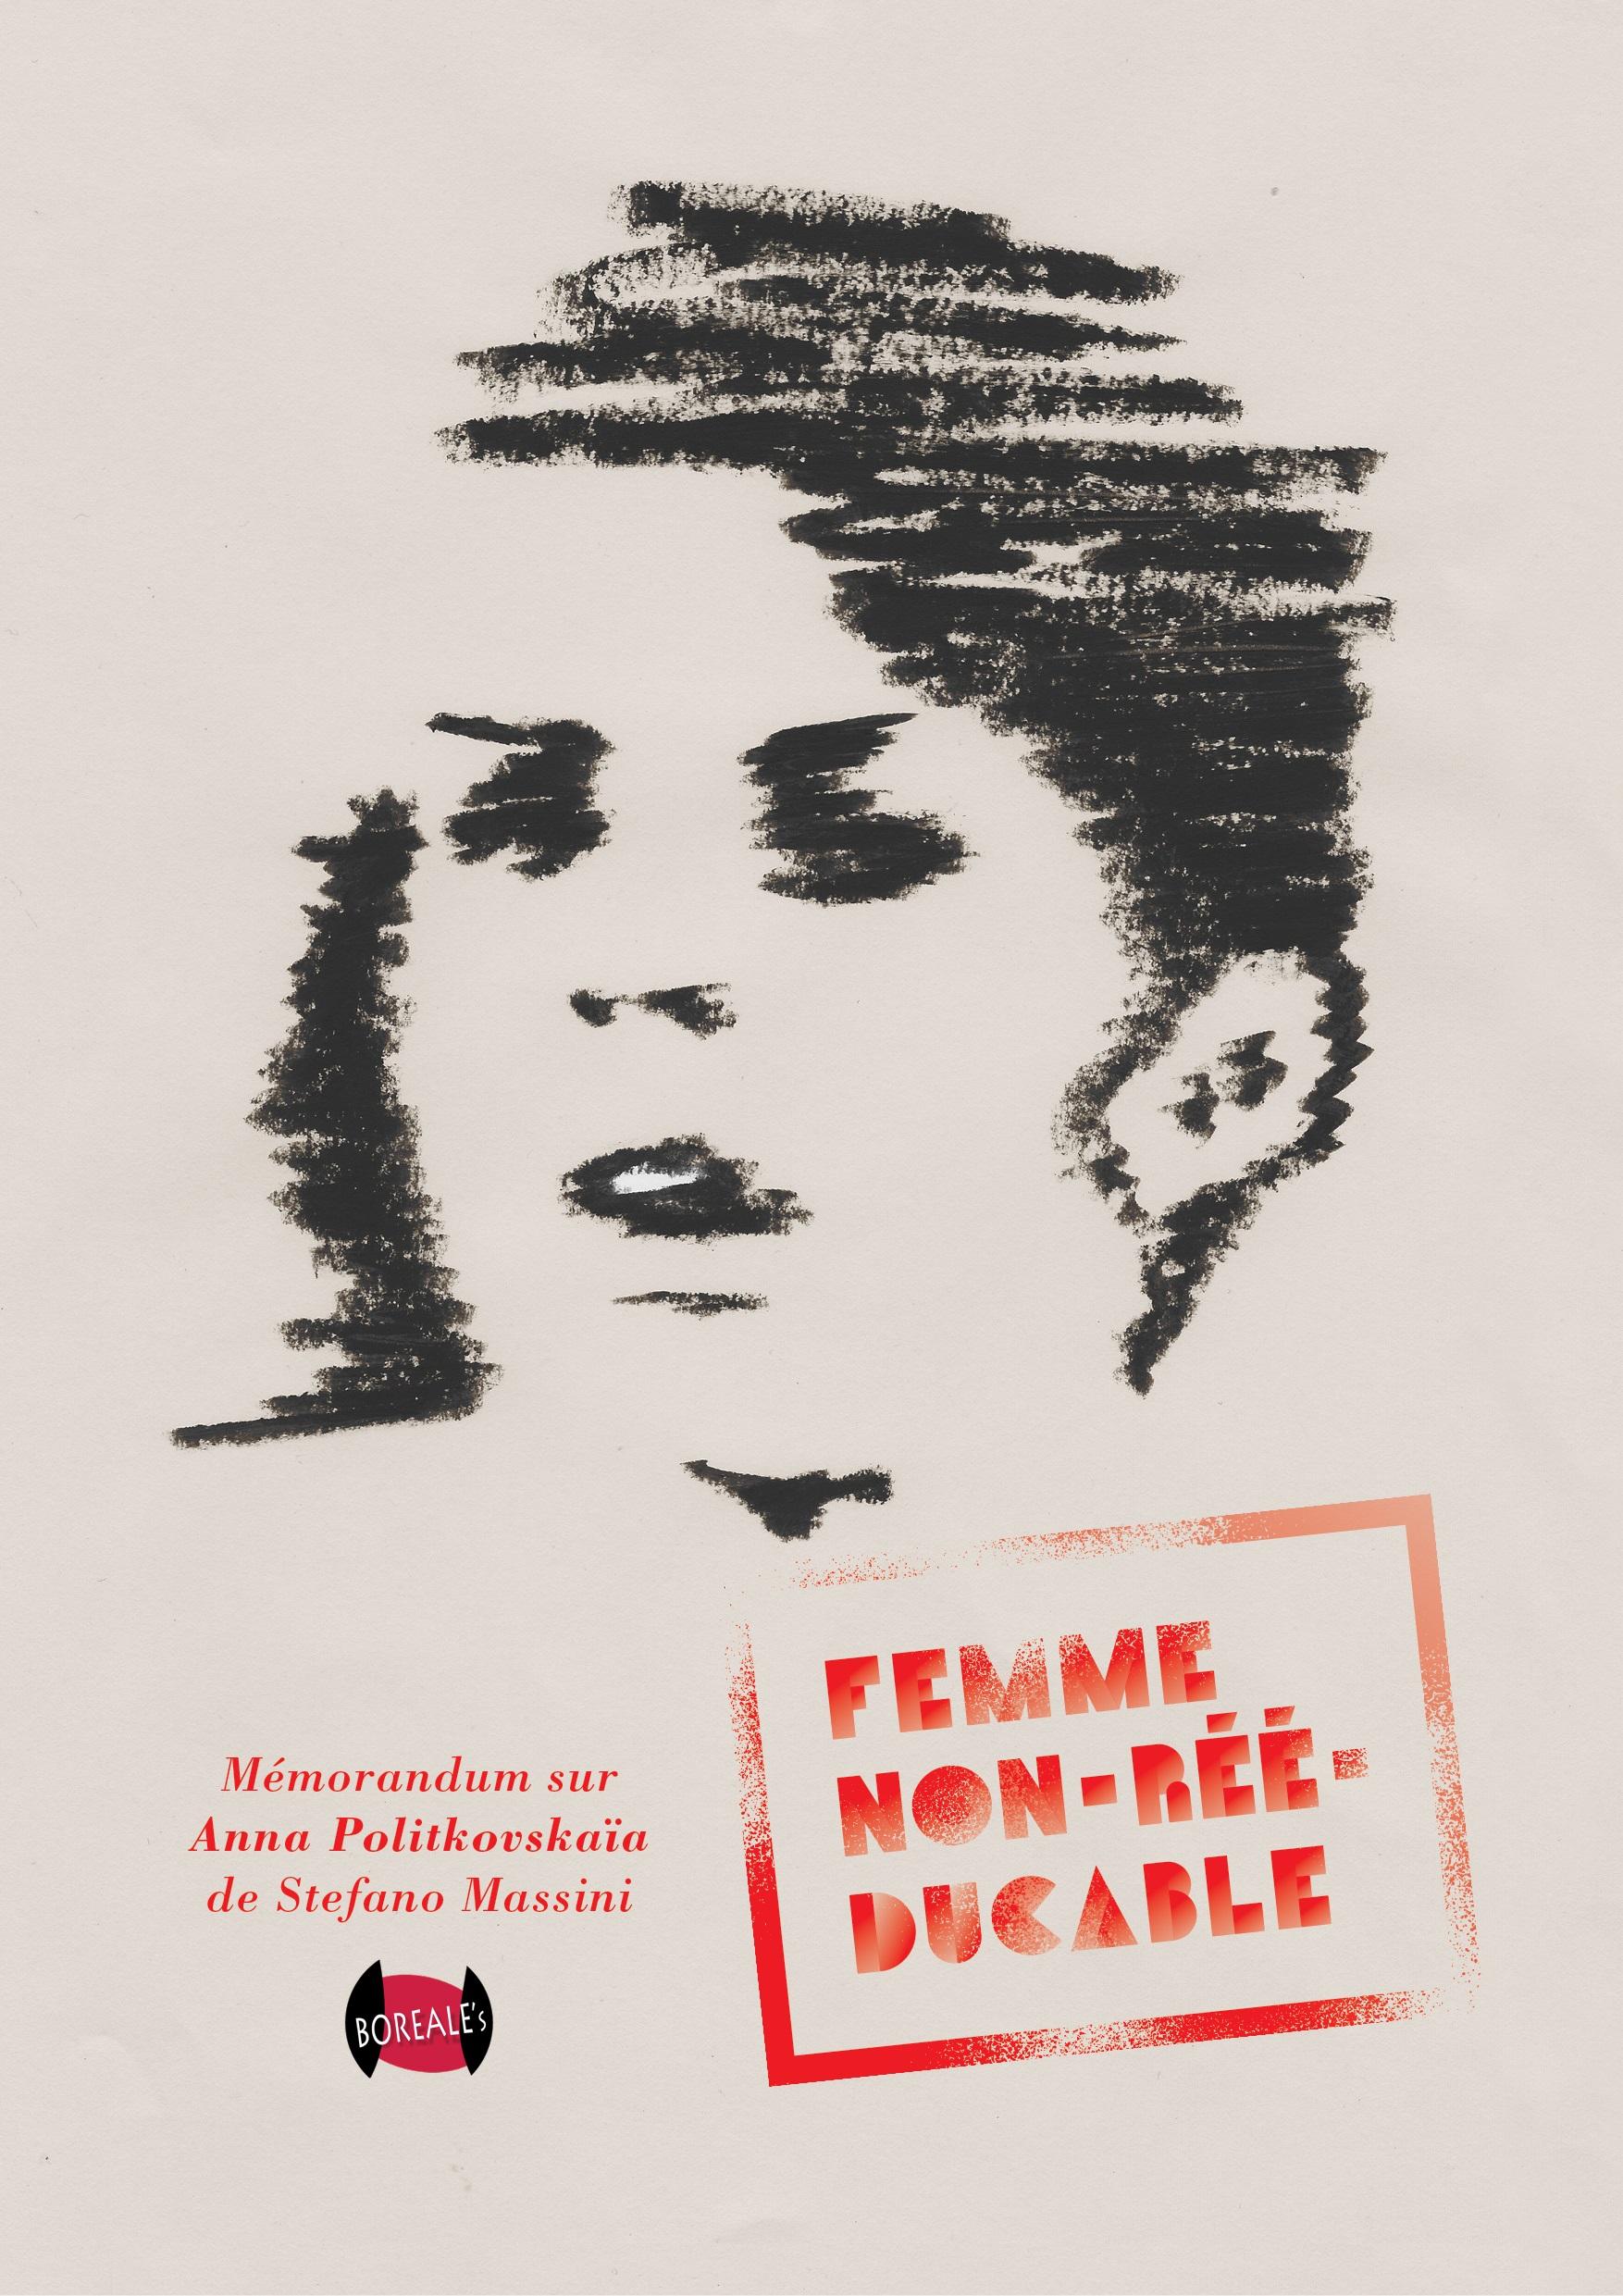 Femme non-rééducable – Mémorandum théâtral sur Anna Politkovskaïa